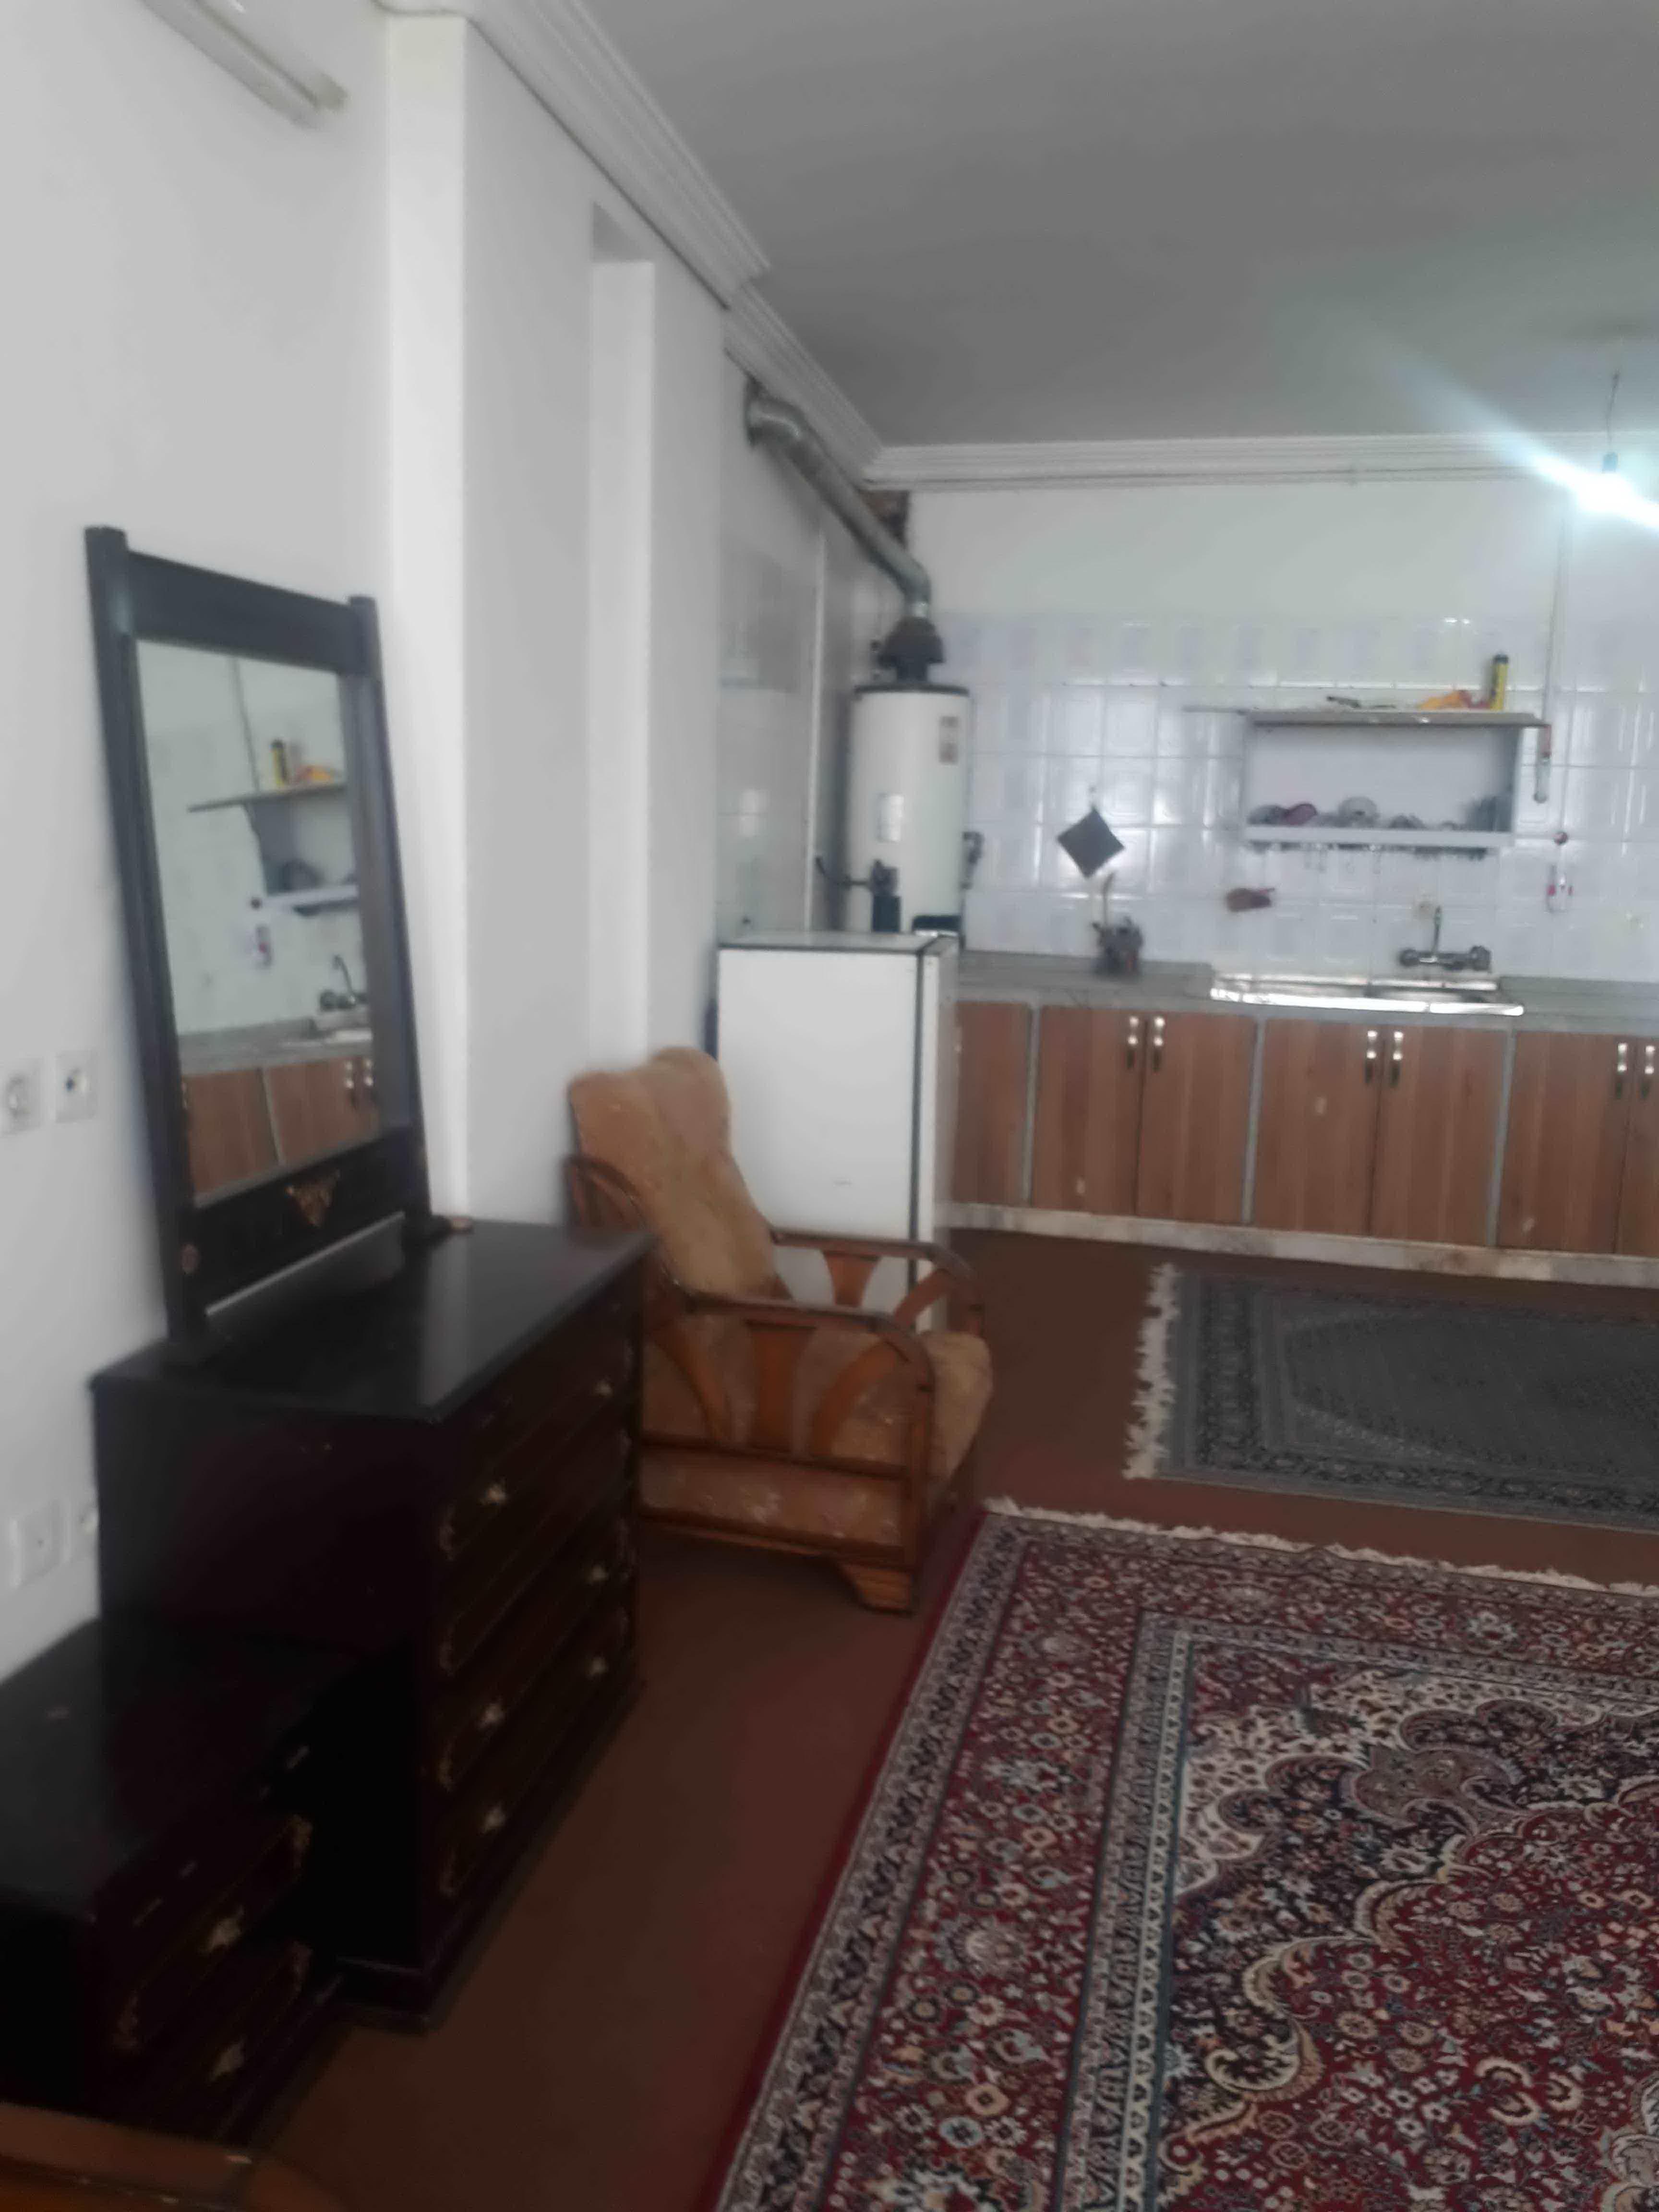 شهری سوییت ارزان در مرکزشهر یزد